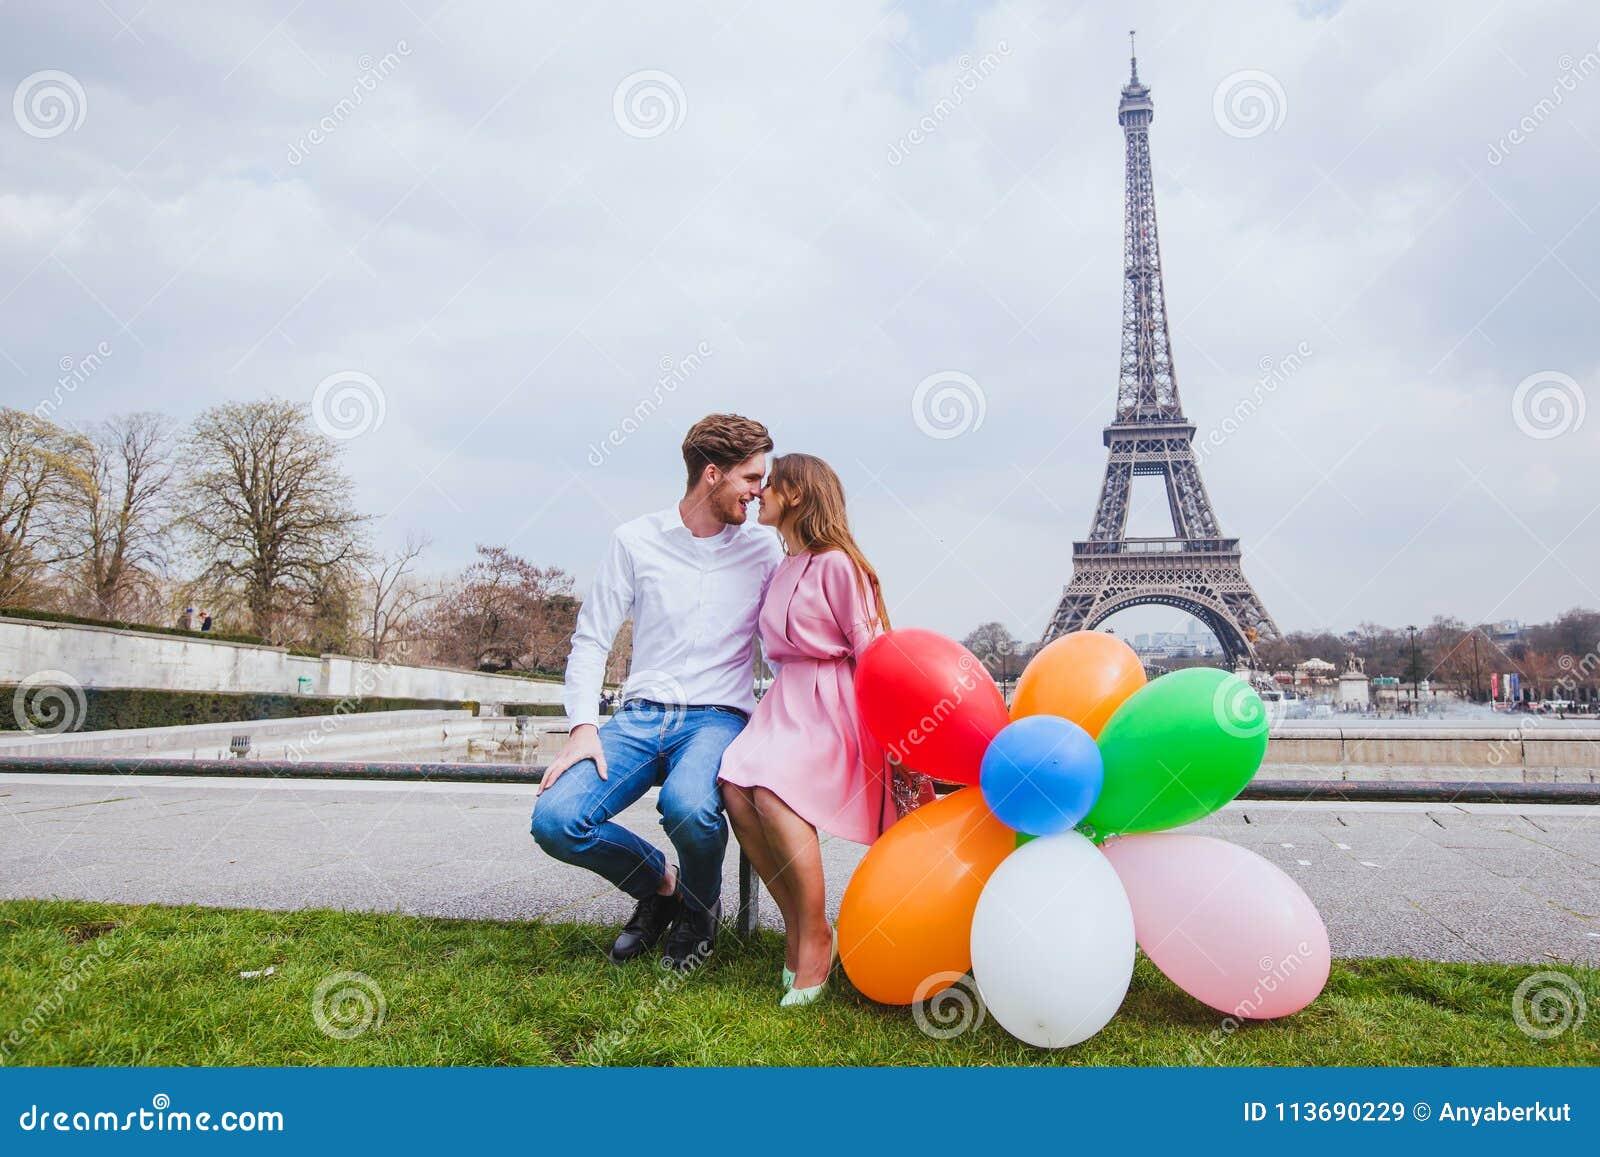 Séance photos, ajouter heureux aux ballons posant près de Tour Eiffel à Paris